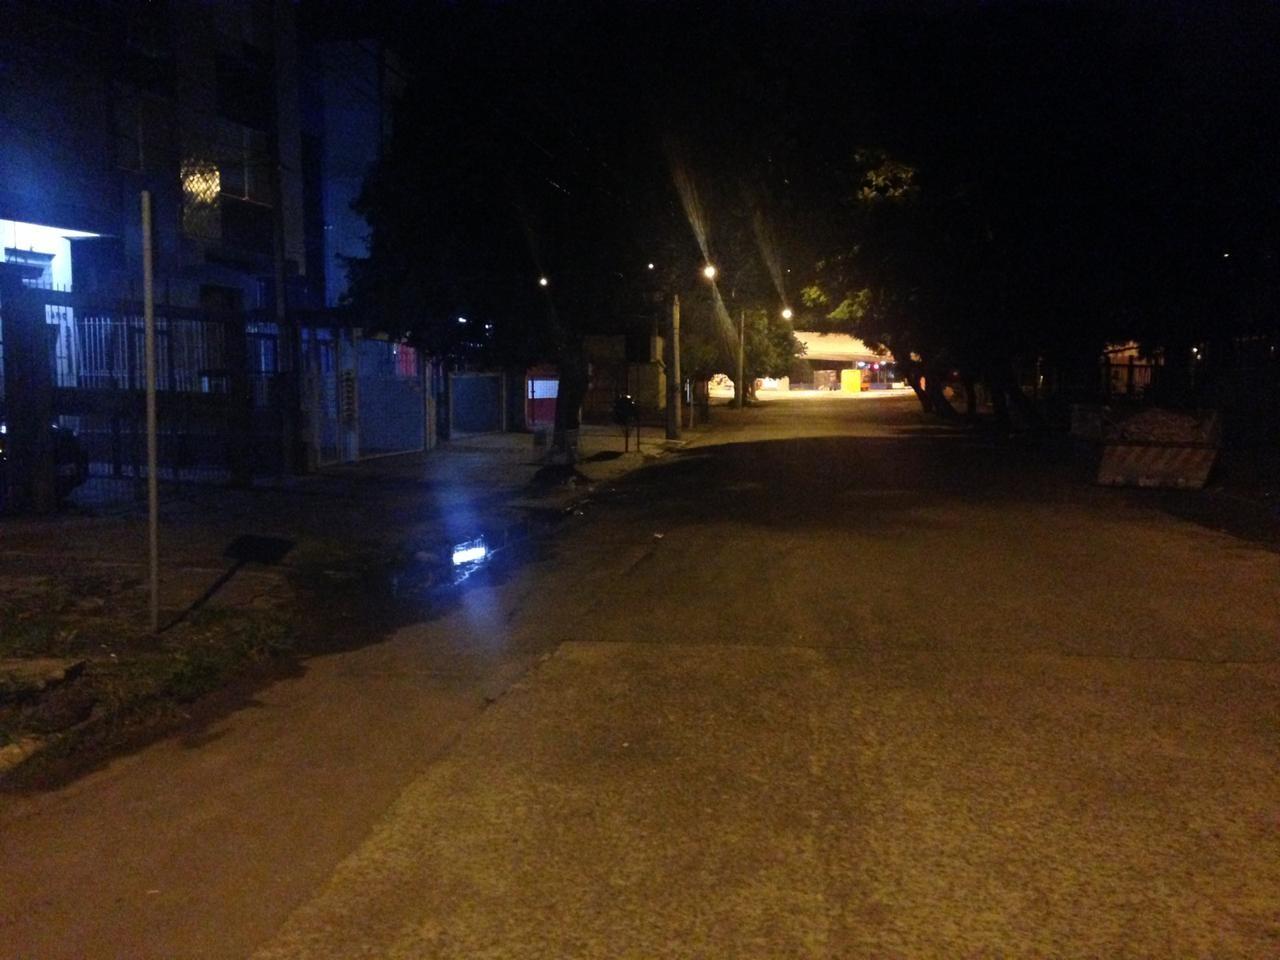 Polícia procura suspeito de assalto com homem baleado em Porto Alegre